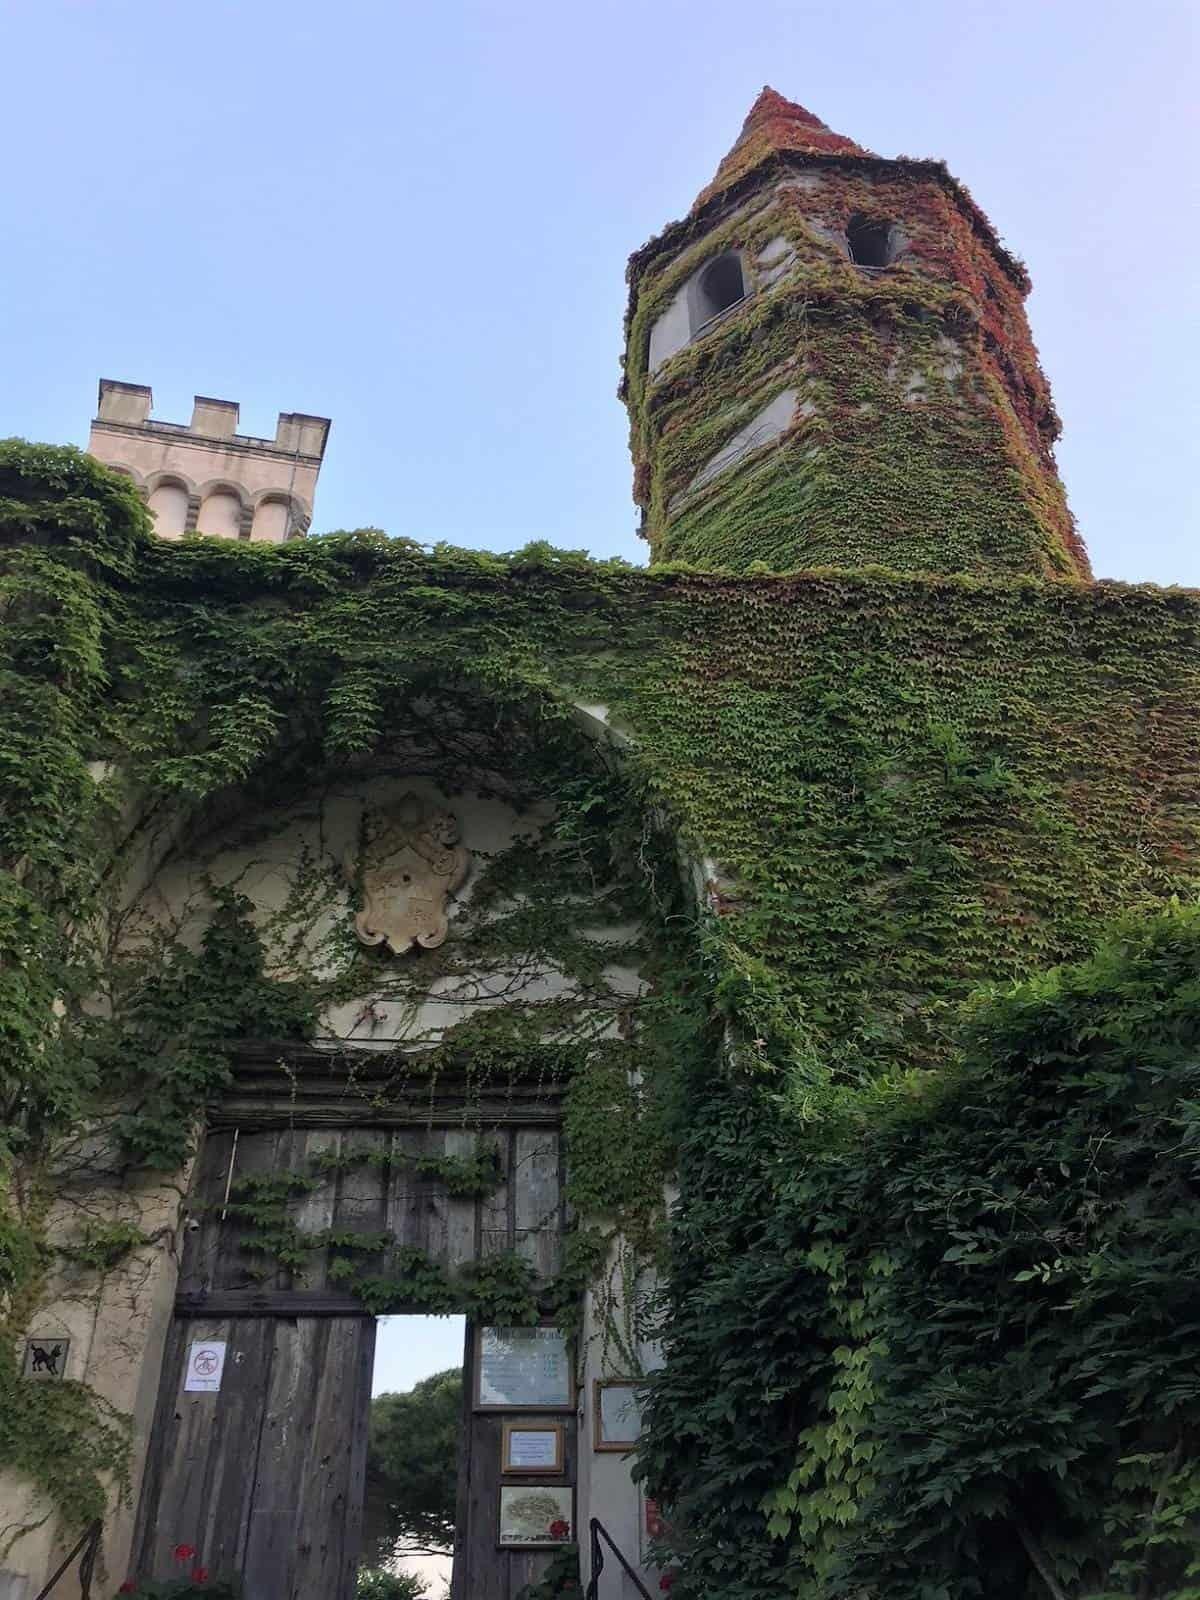 Entrance to Villa Cimbrone